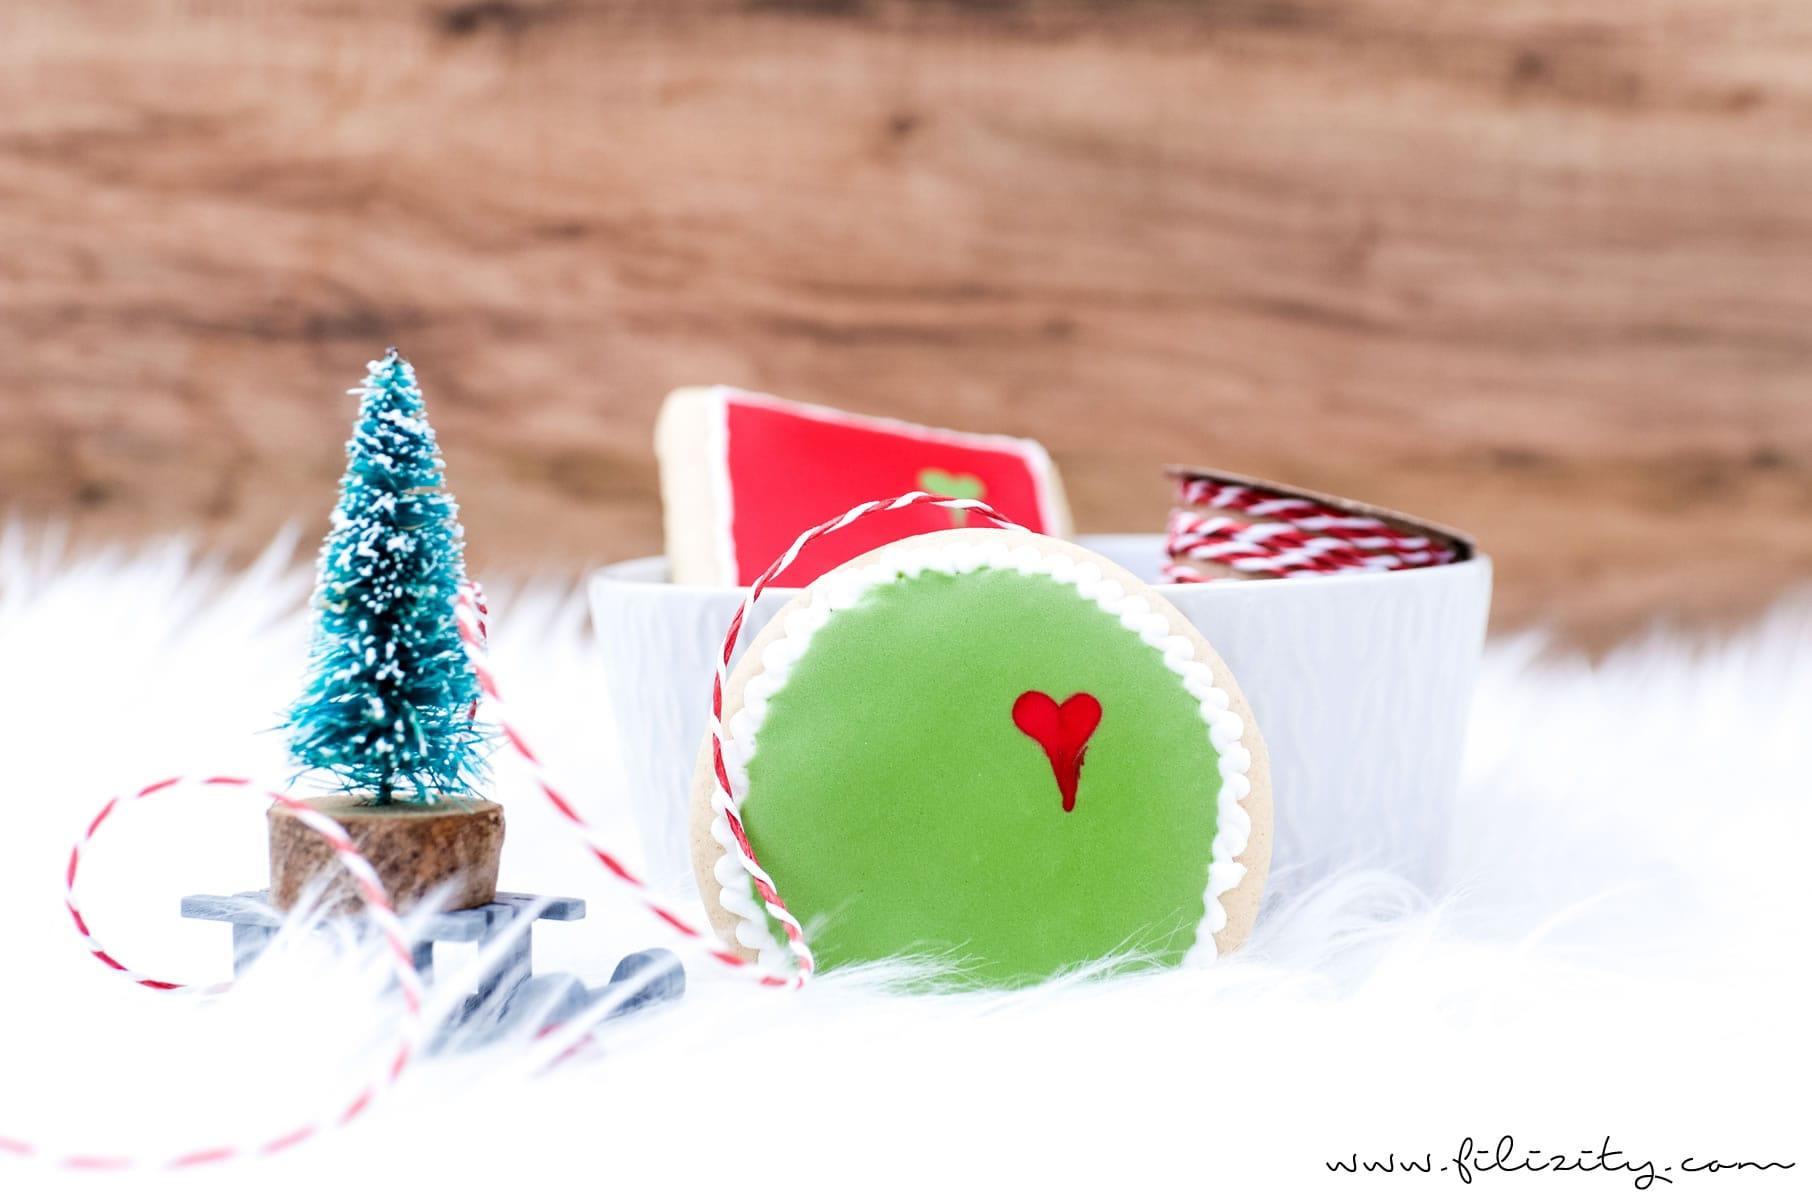 Grinch-Cookies – Weihnachtsplätzchen mal anders | Kekse verzieren mit Royal Icing | Filizity.com | Food-Blog aus dem Rheinland #grinch #weihnachten #plätzchen #weihnachtsbäckerei